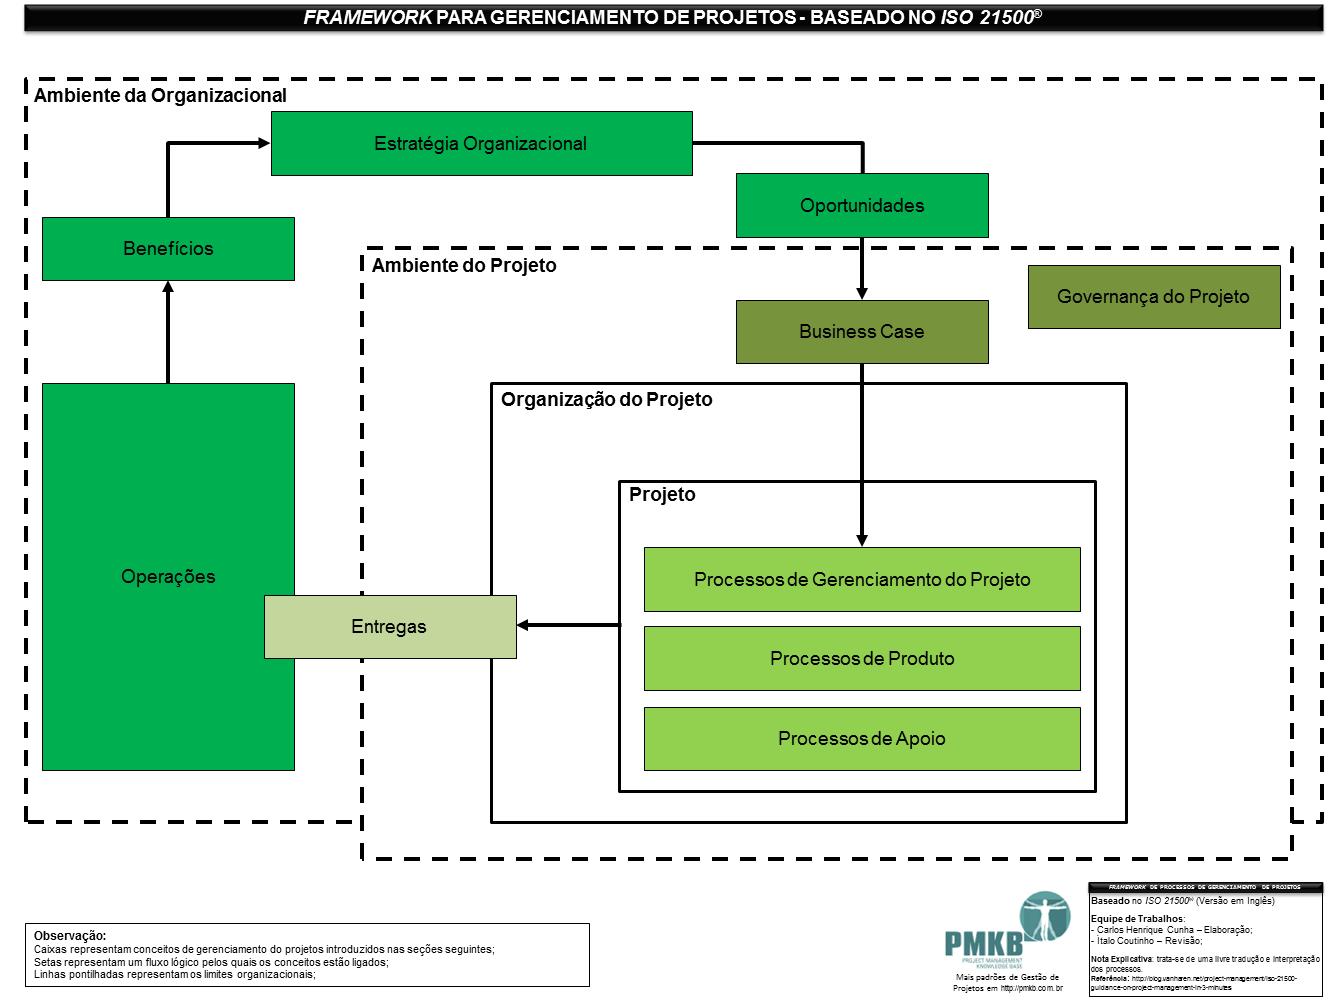 Framework para Gerenciamento de Projetos baseado no ISO 21500